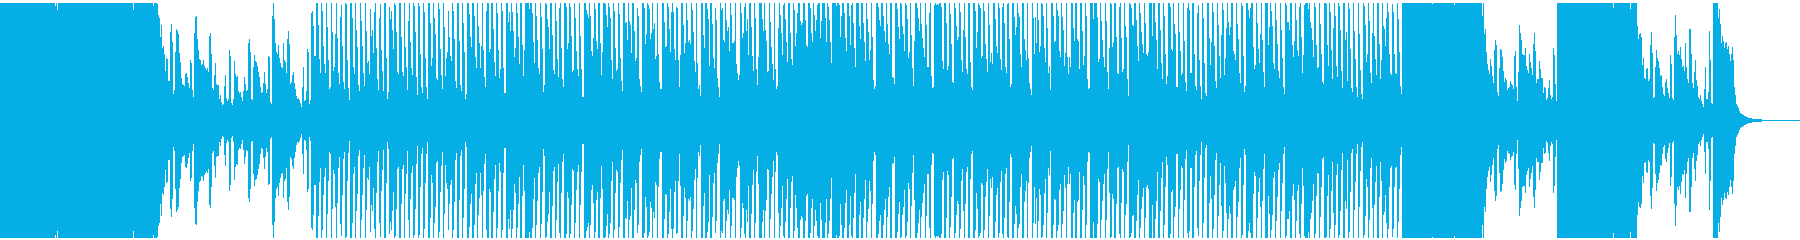 迫力(不安,安堵感)あるテクノサウンドの再生済みの波形